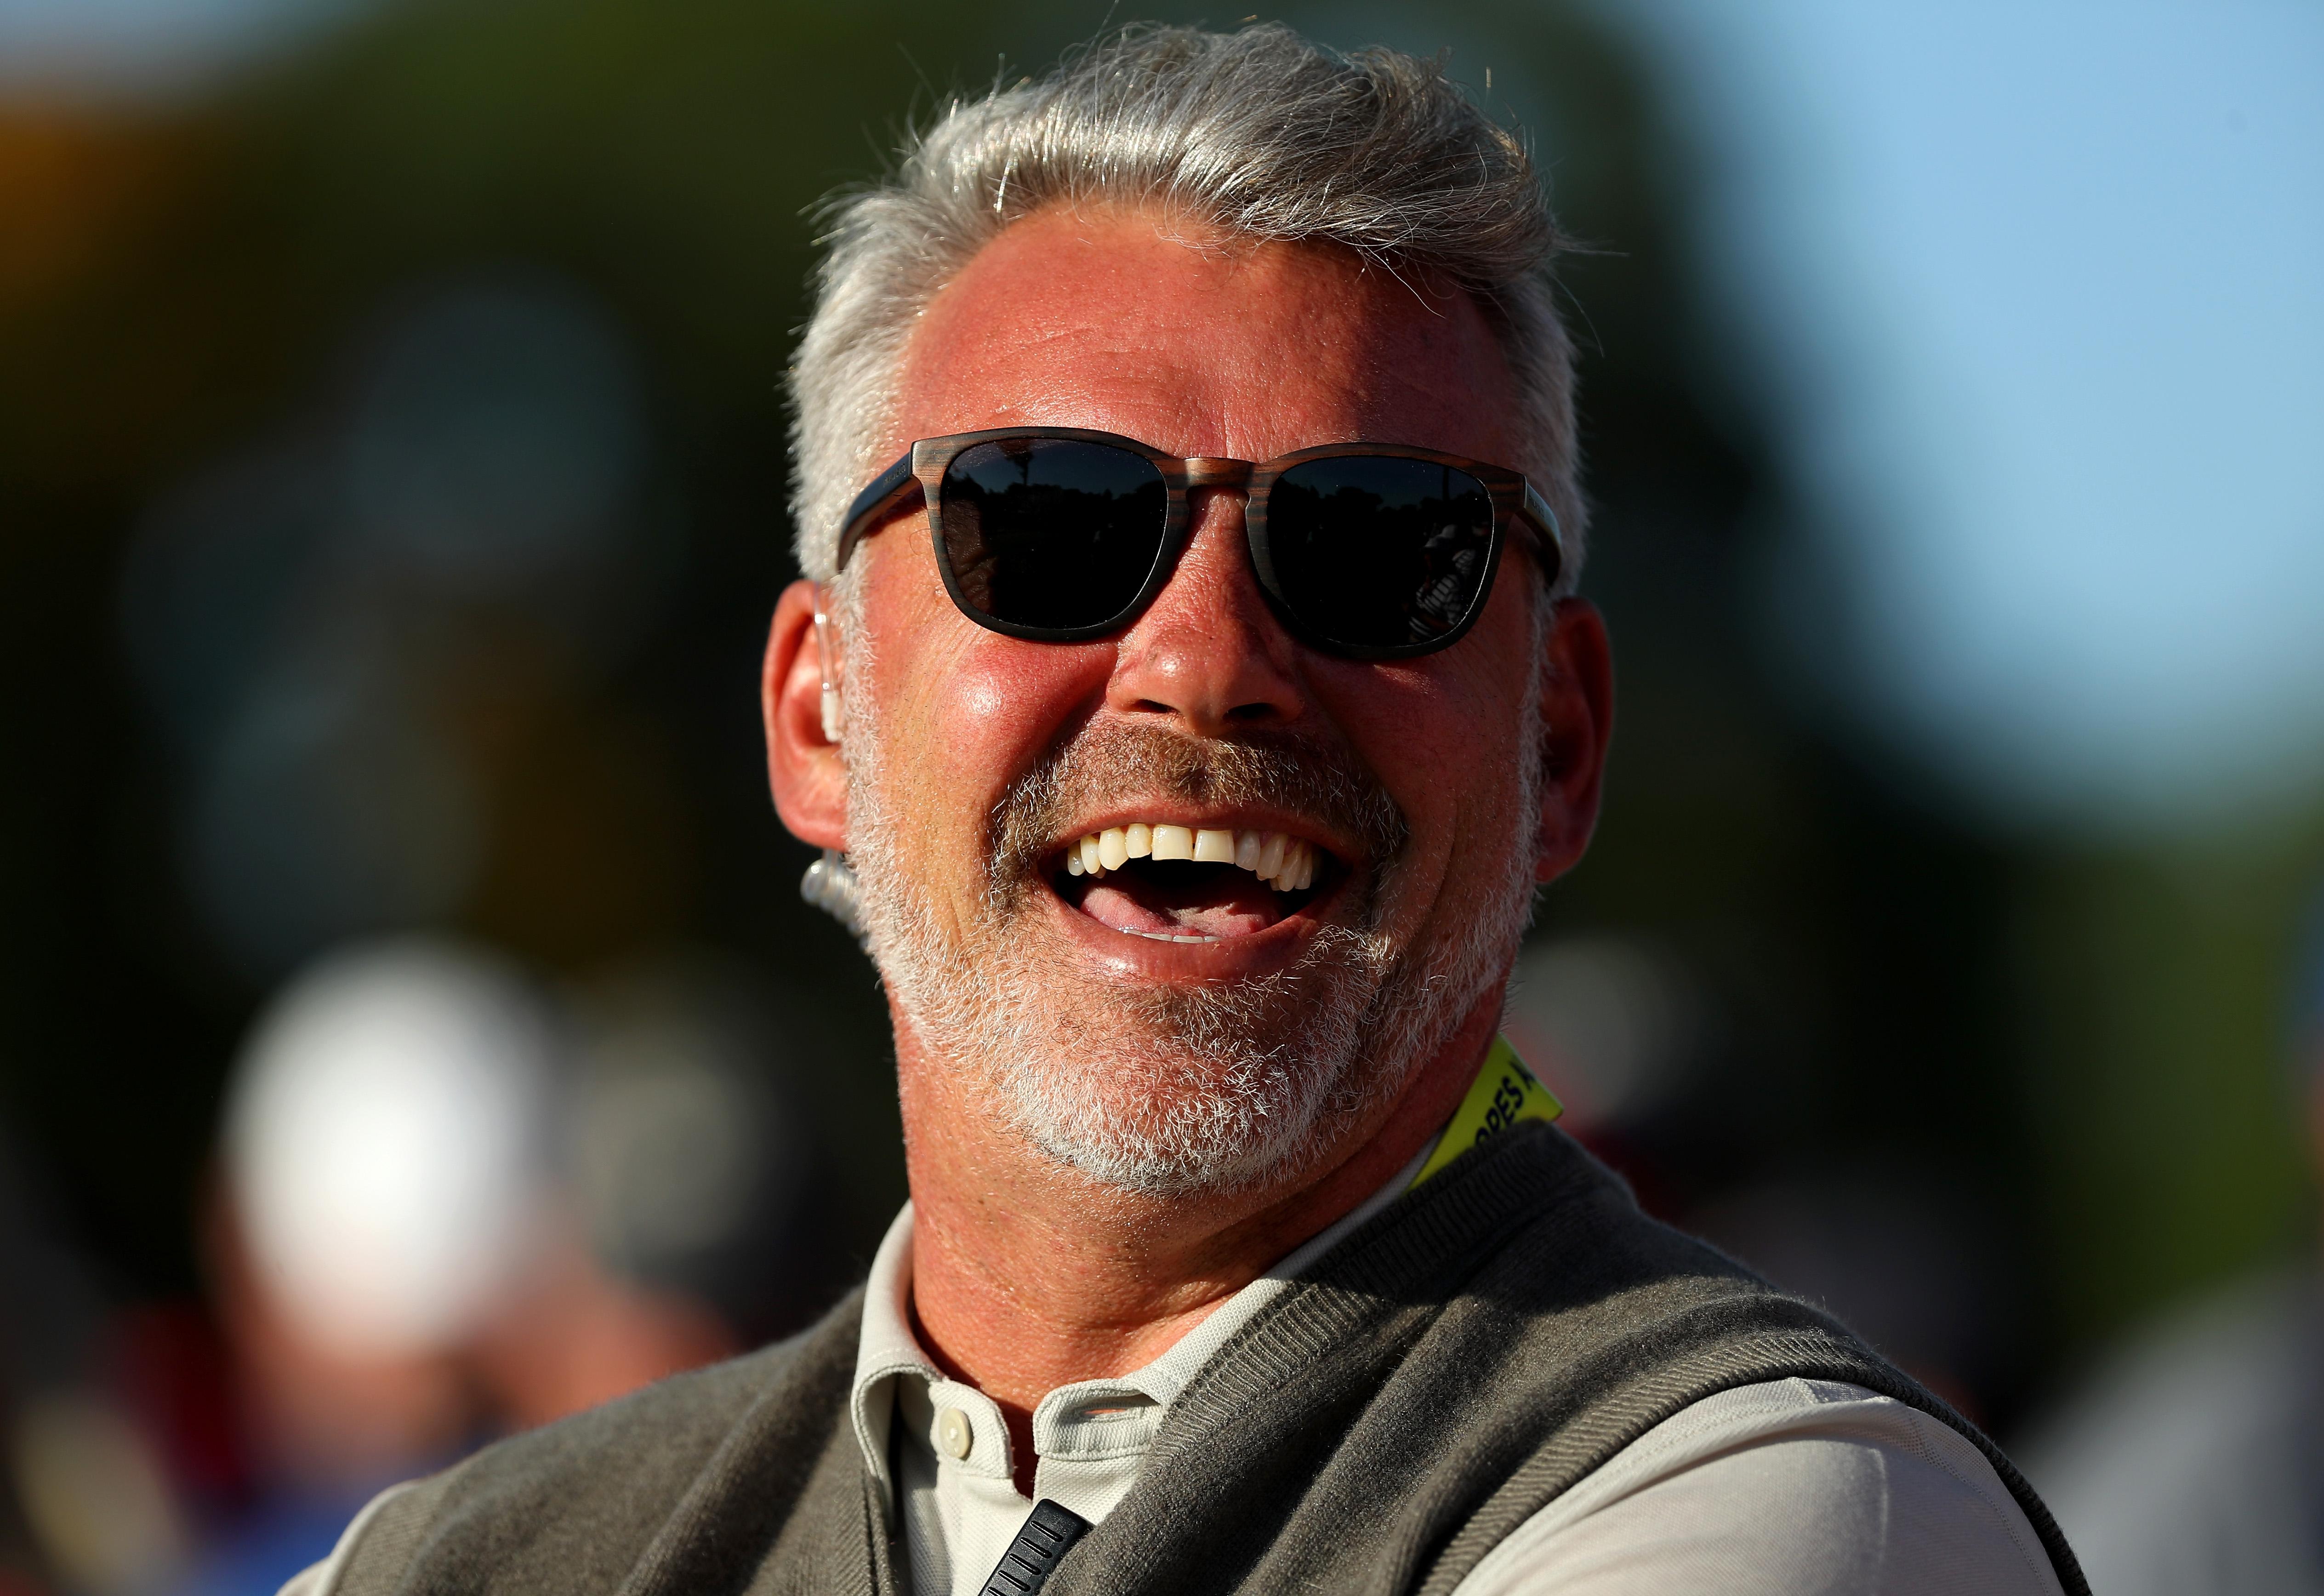 Darren Clarke has won three titles on the PGA Tour and 14 on the European Tour.